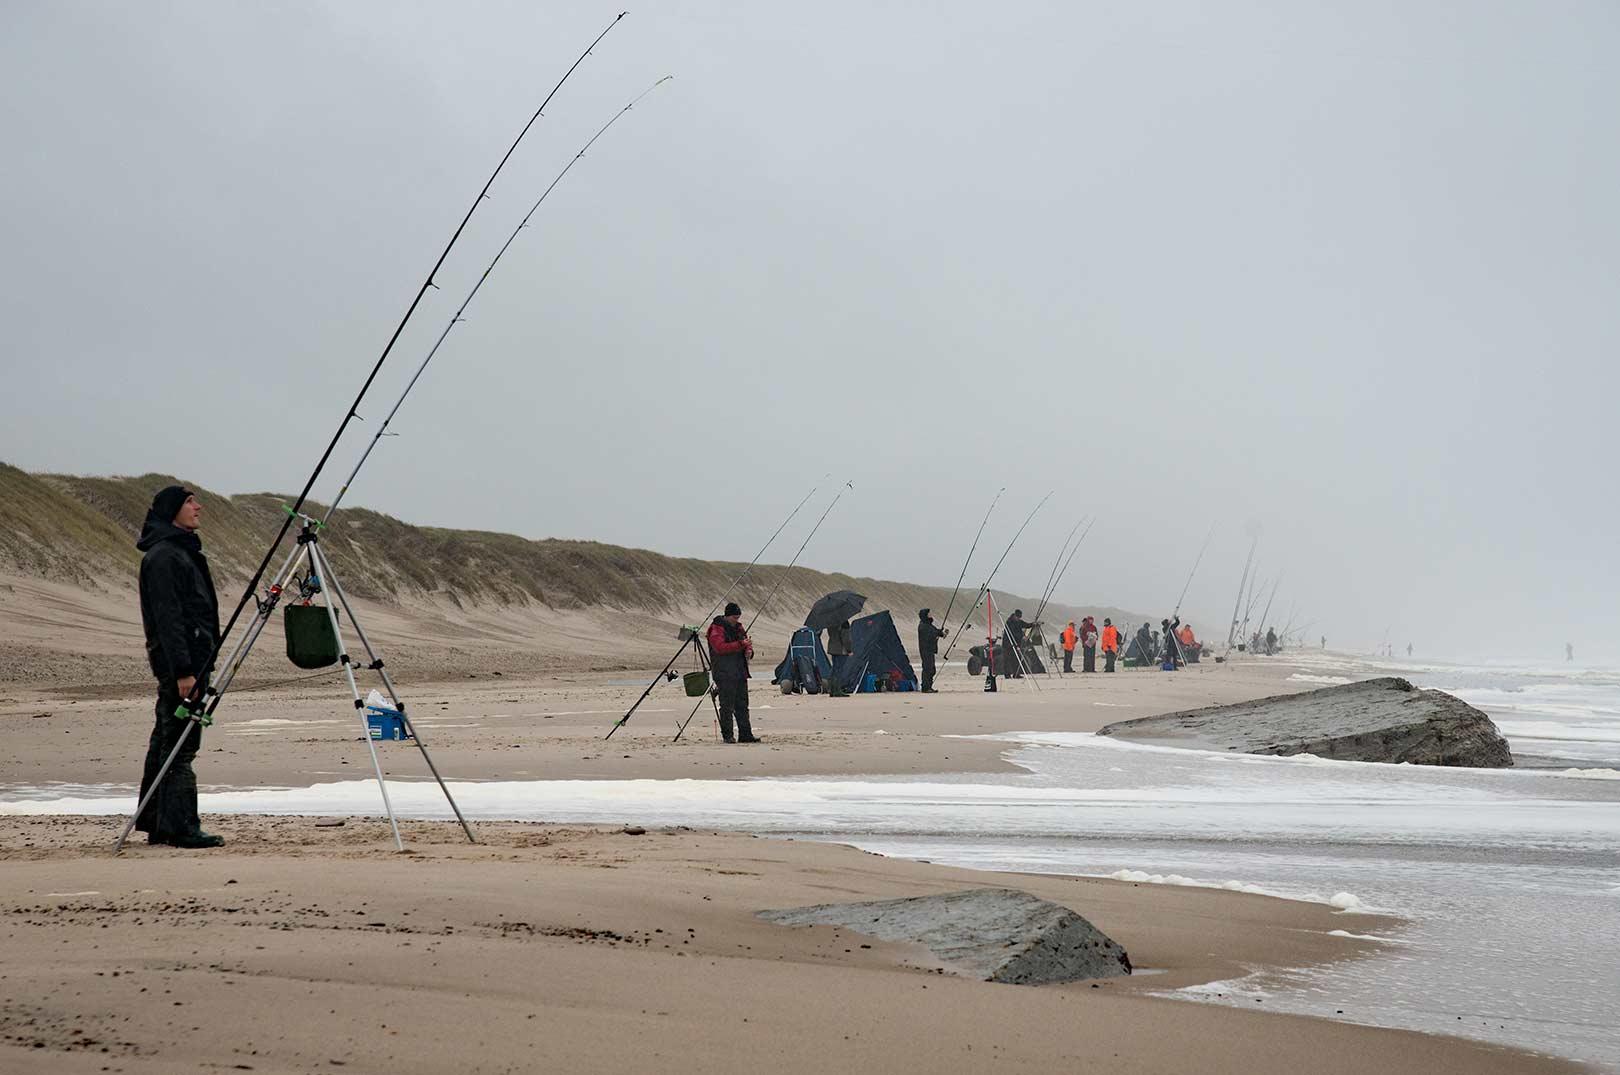 Nordsø Cup er Skandinaviens største surfcasting konkurrence mede deltagere fra hele Europa.